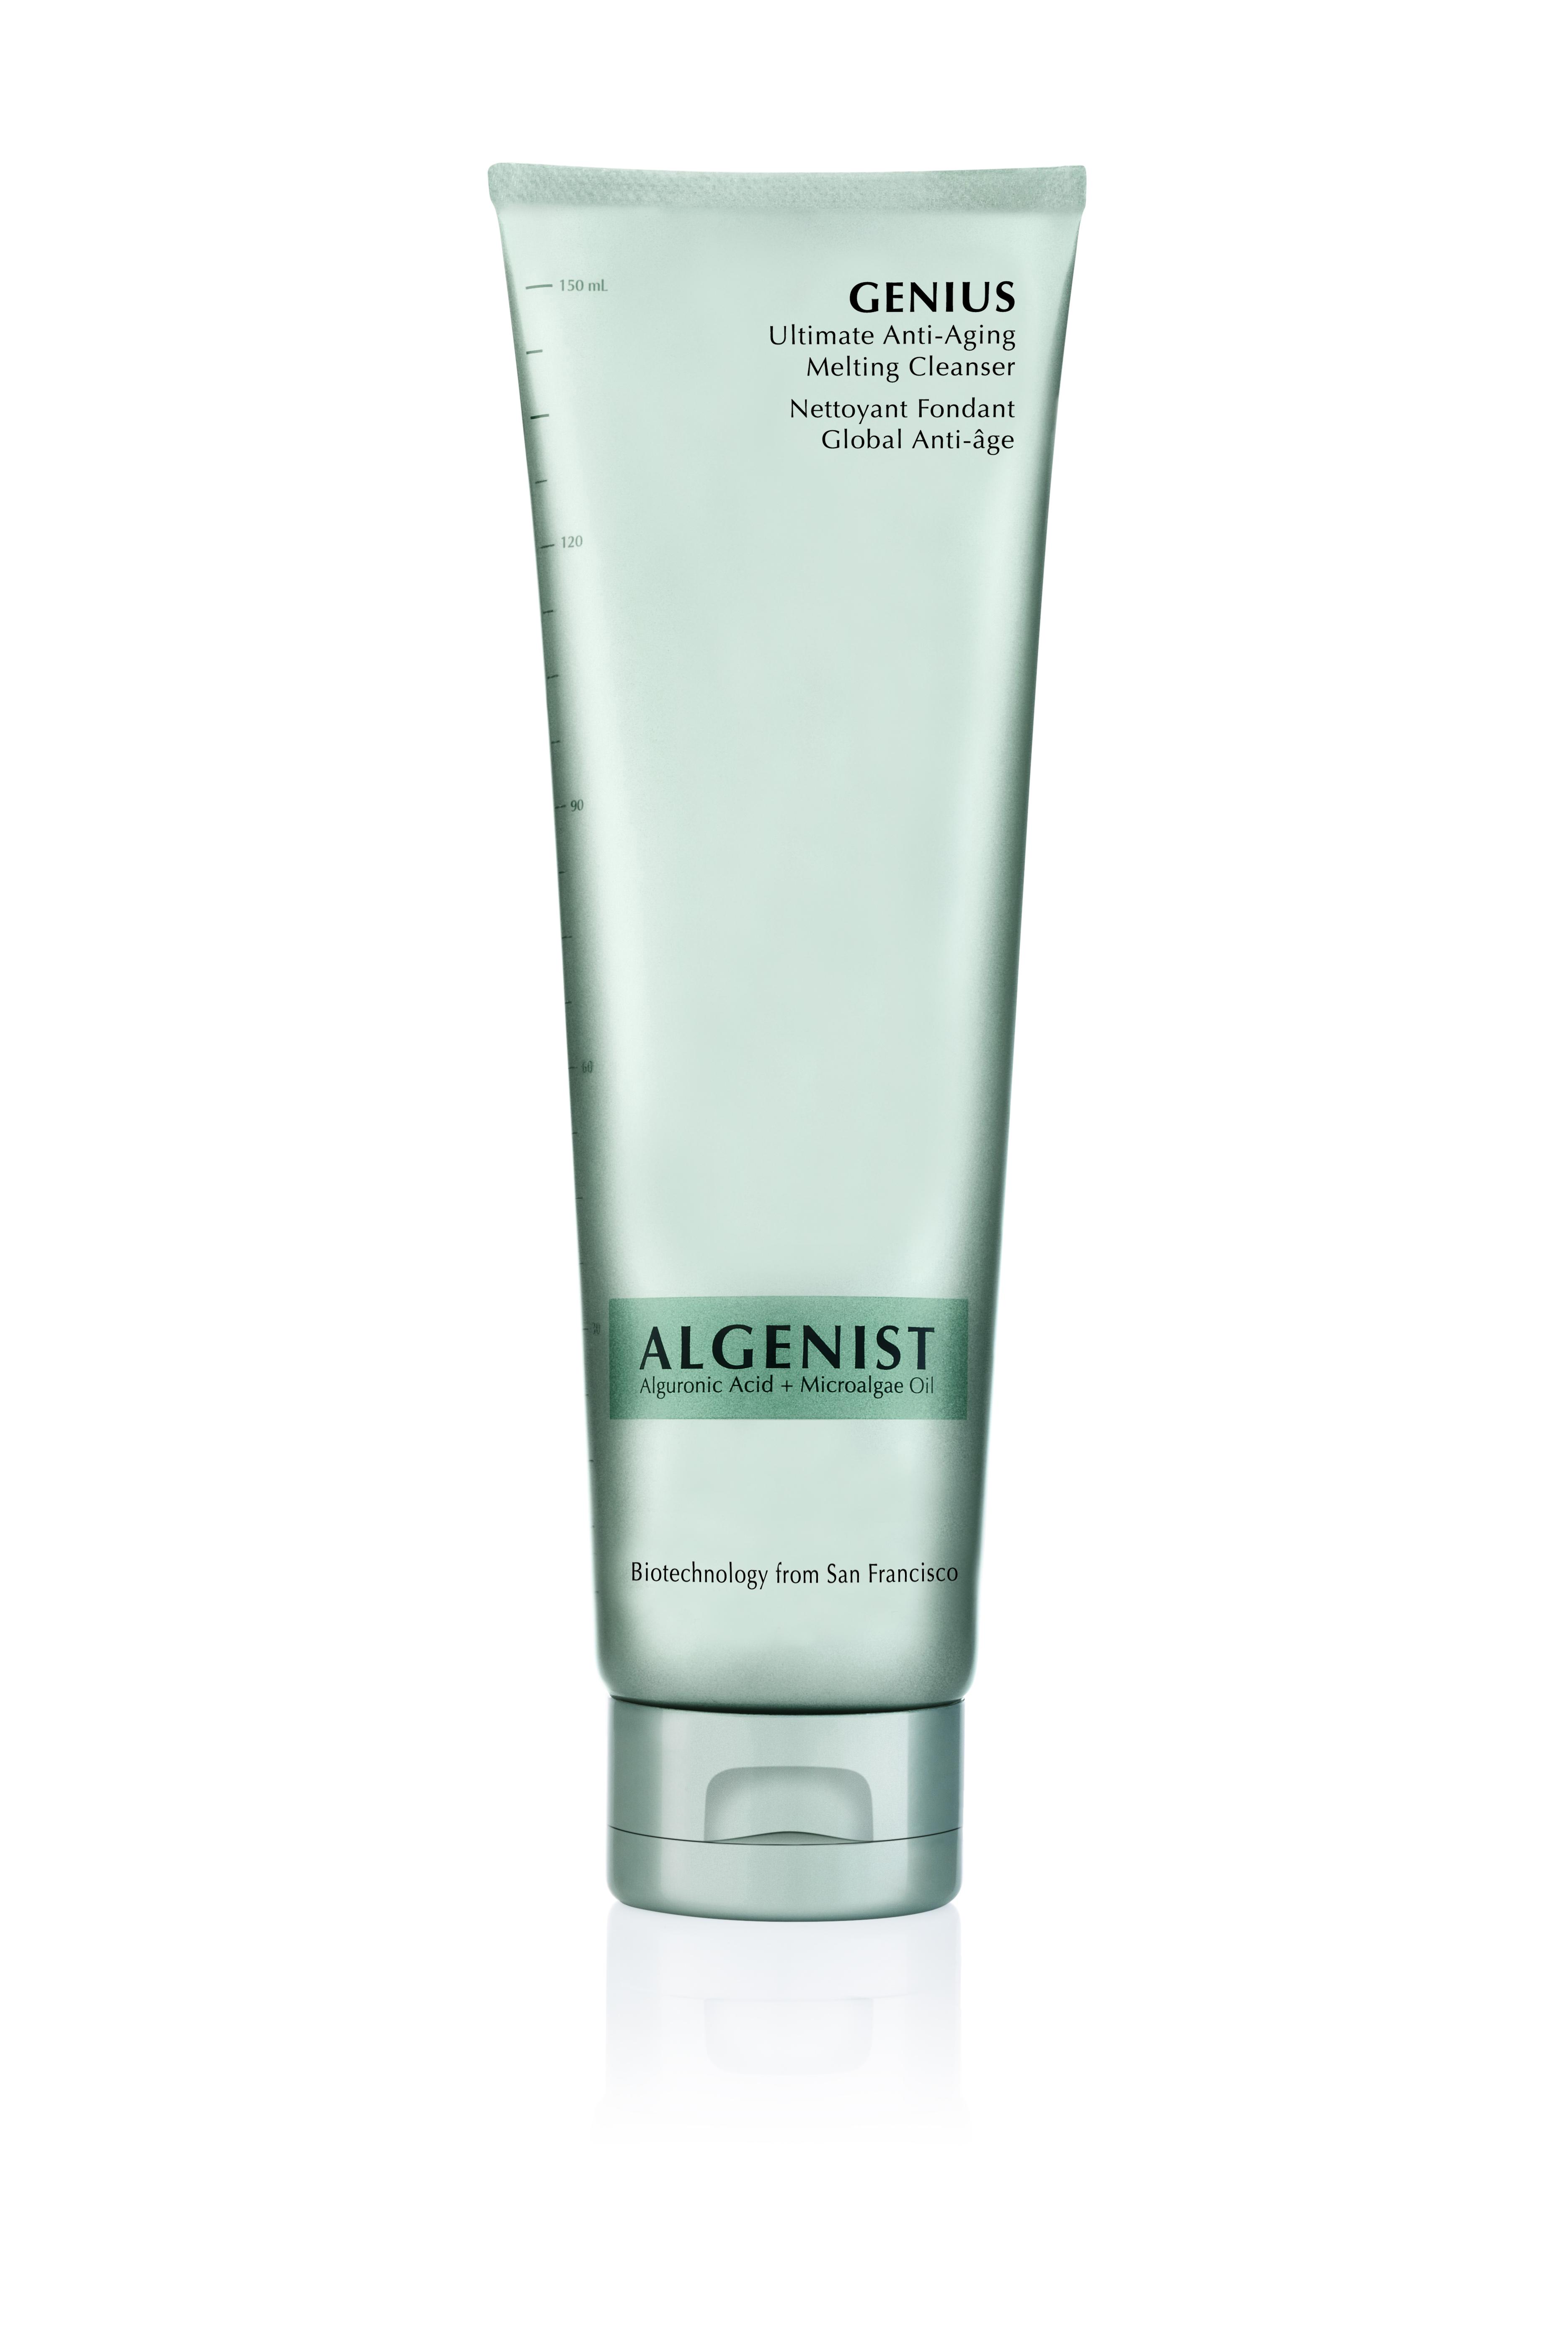 Algenist Genius Ultimate Anti-Aging Melting Cleanser 150 ml